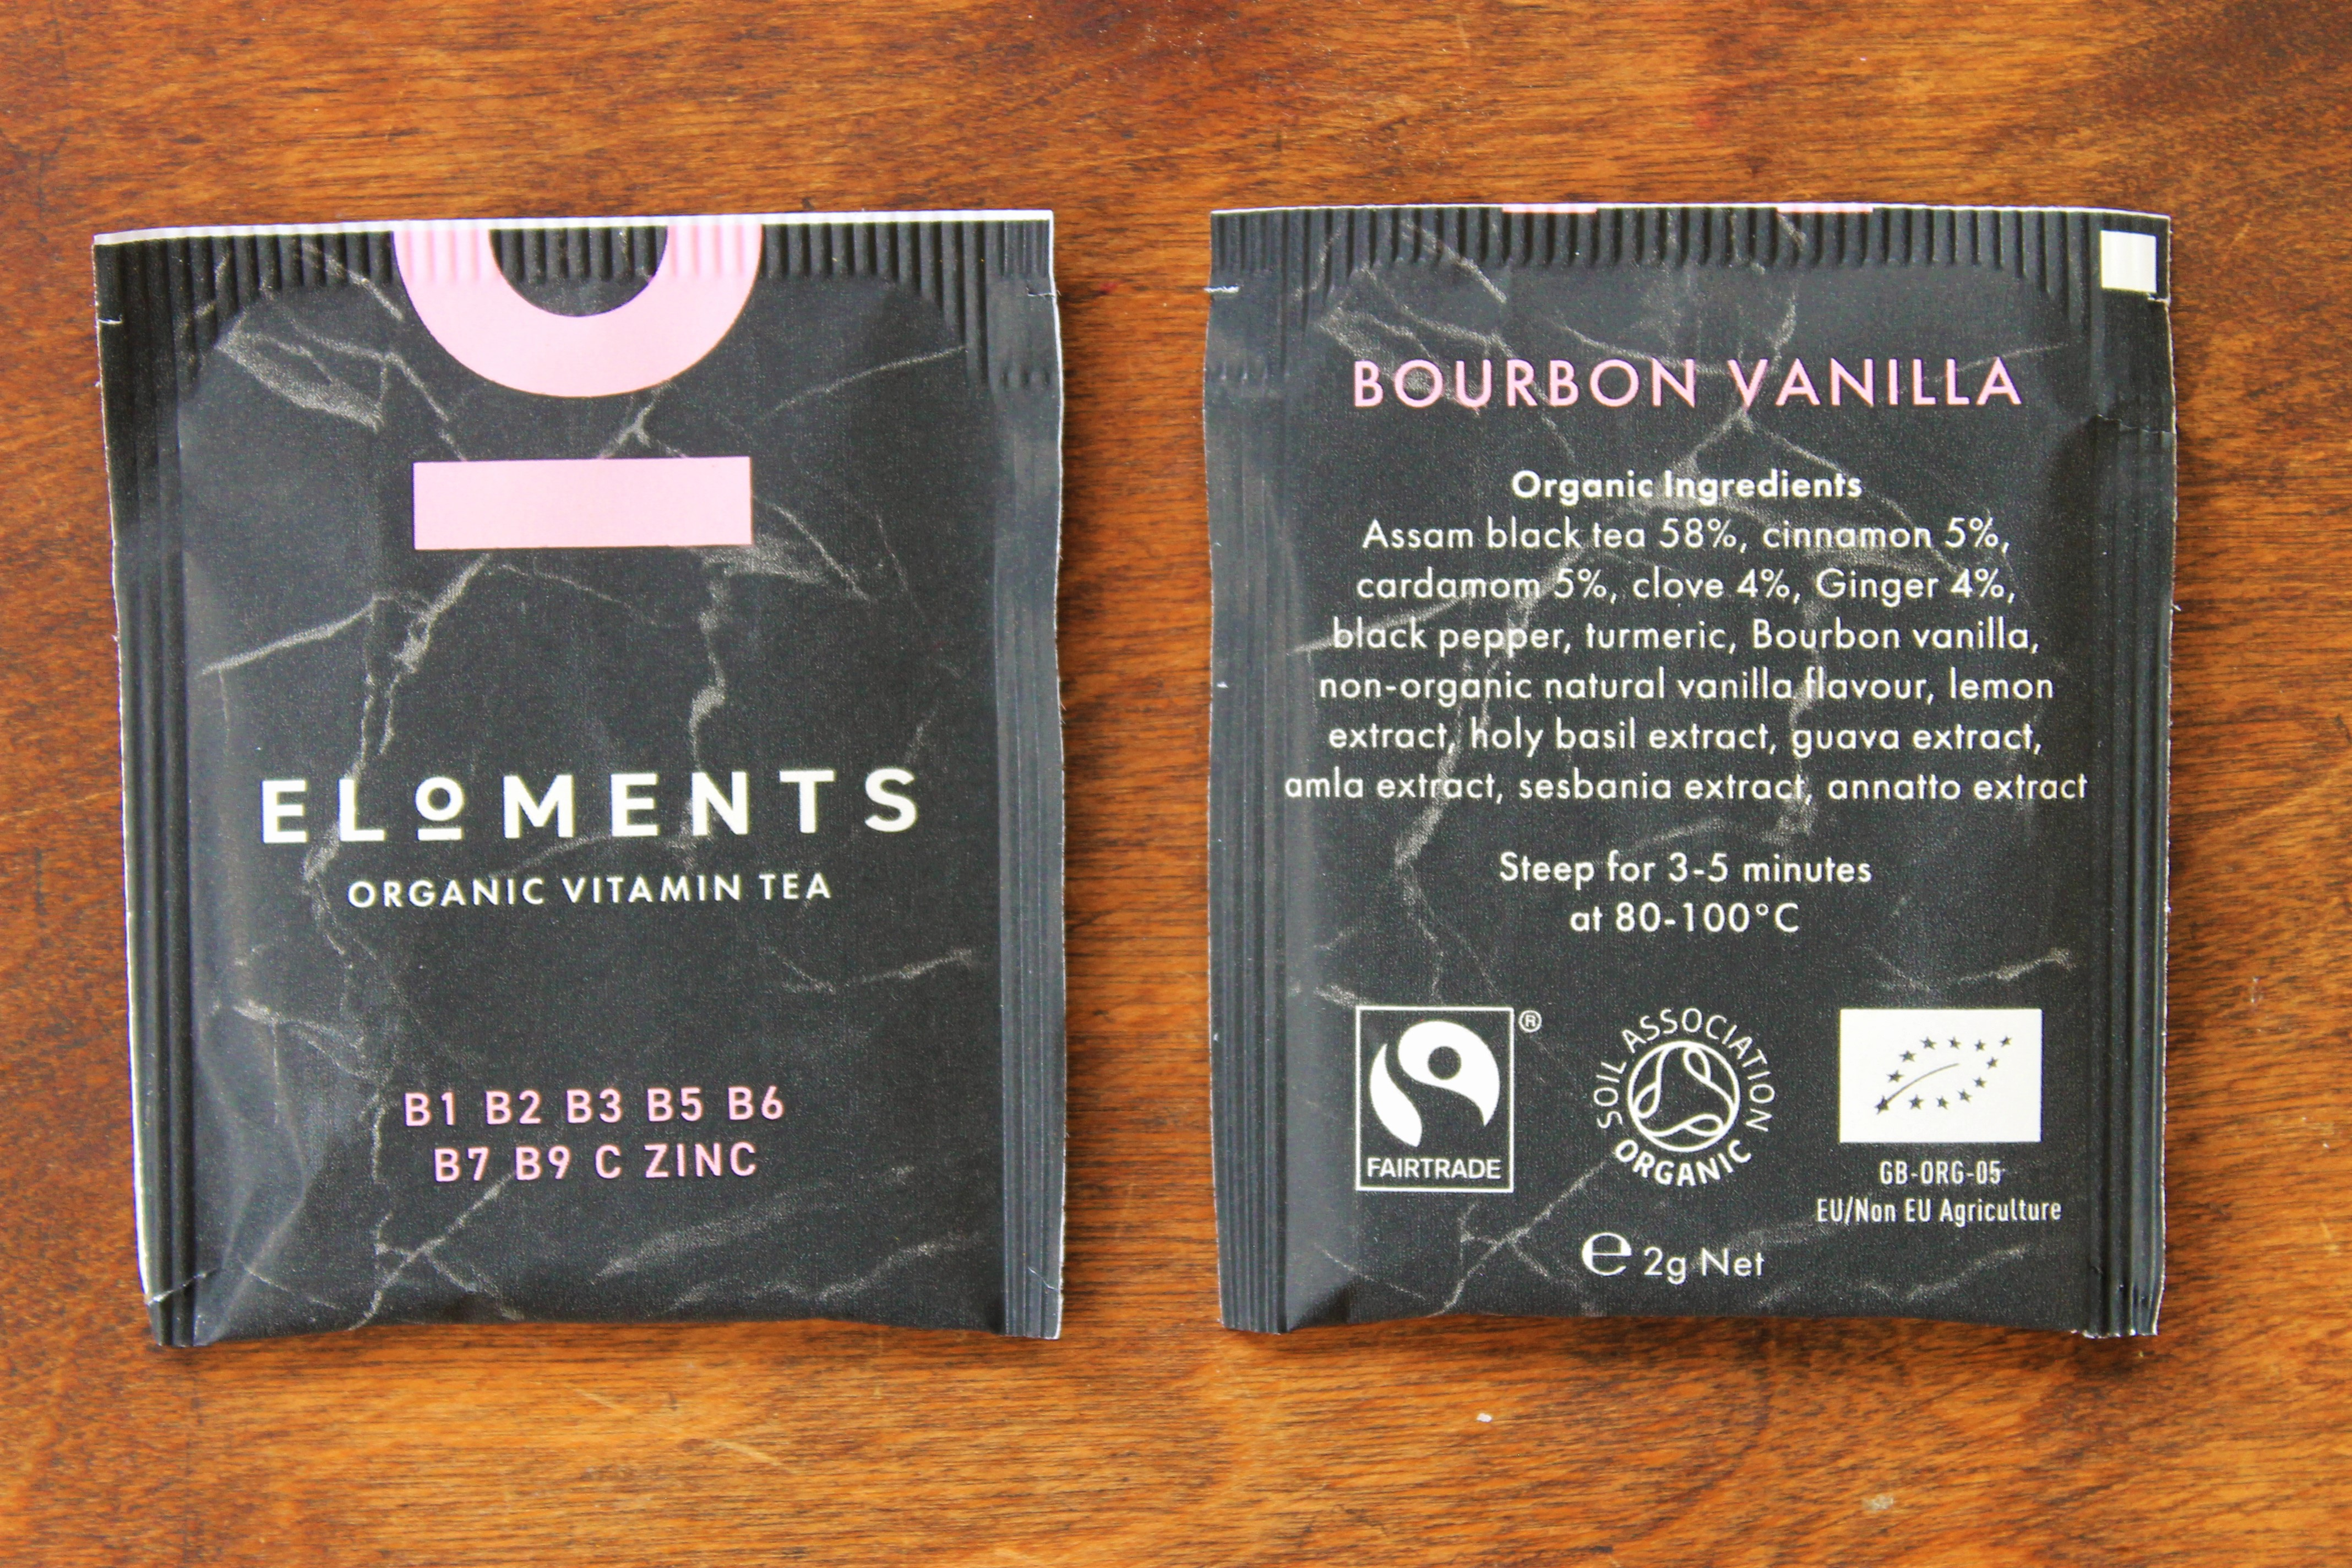 eloments bourbon vanilla tea bags